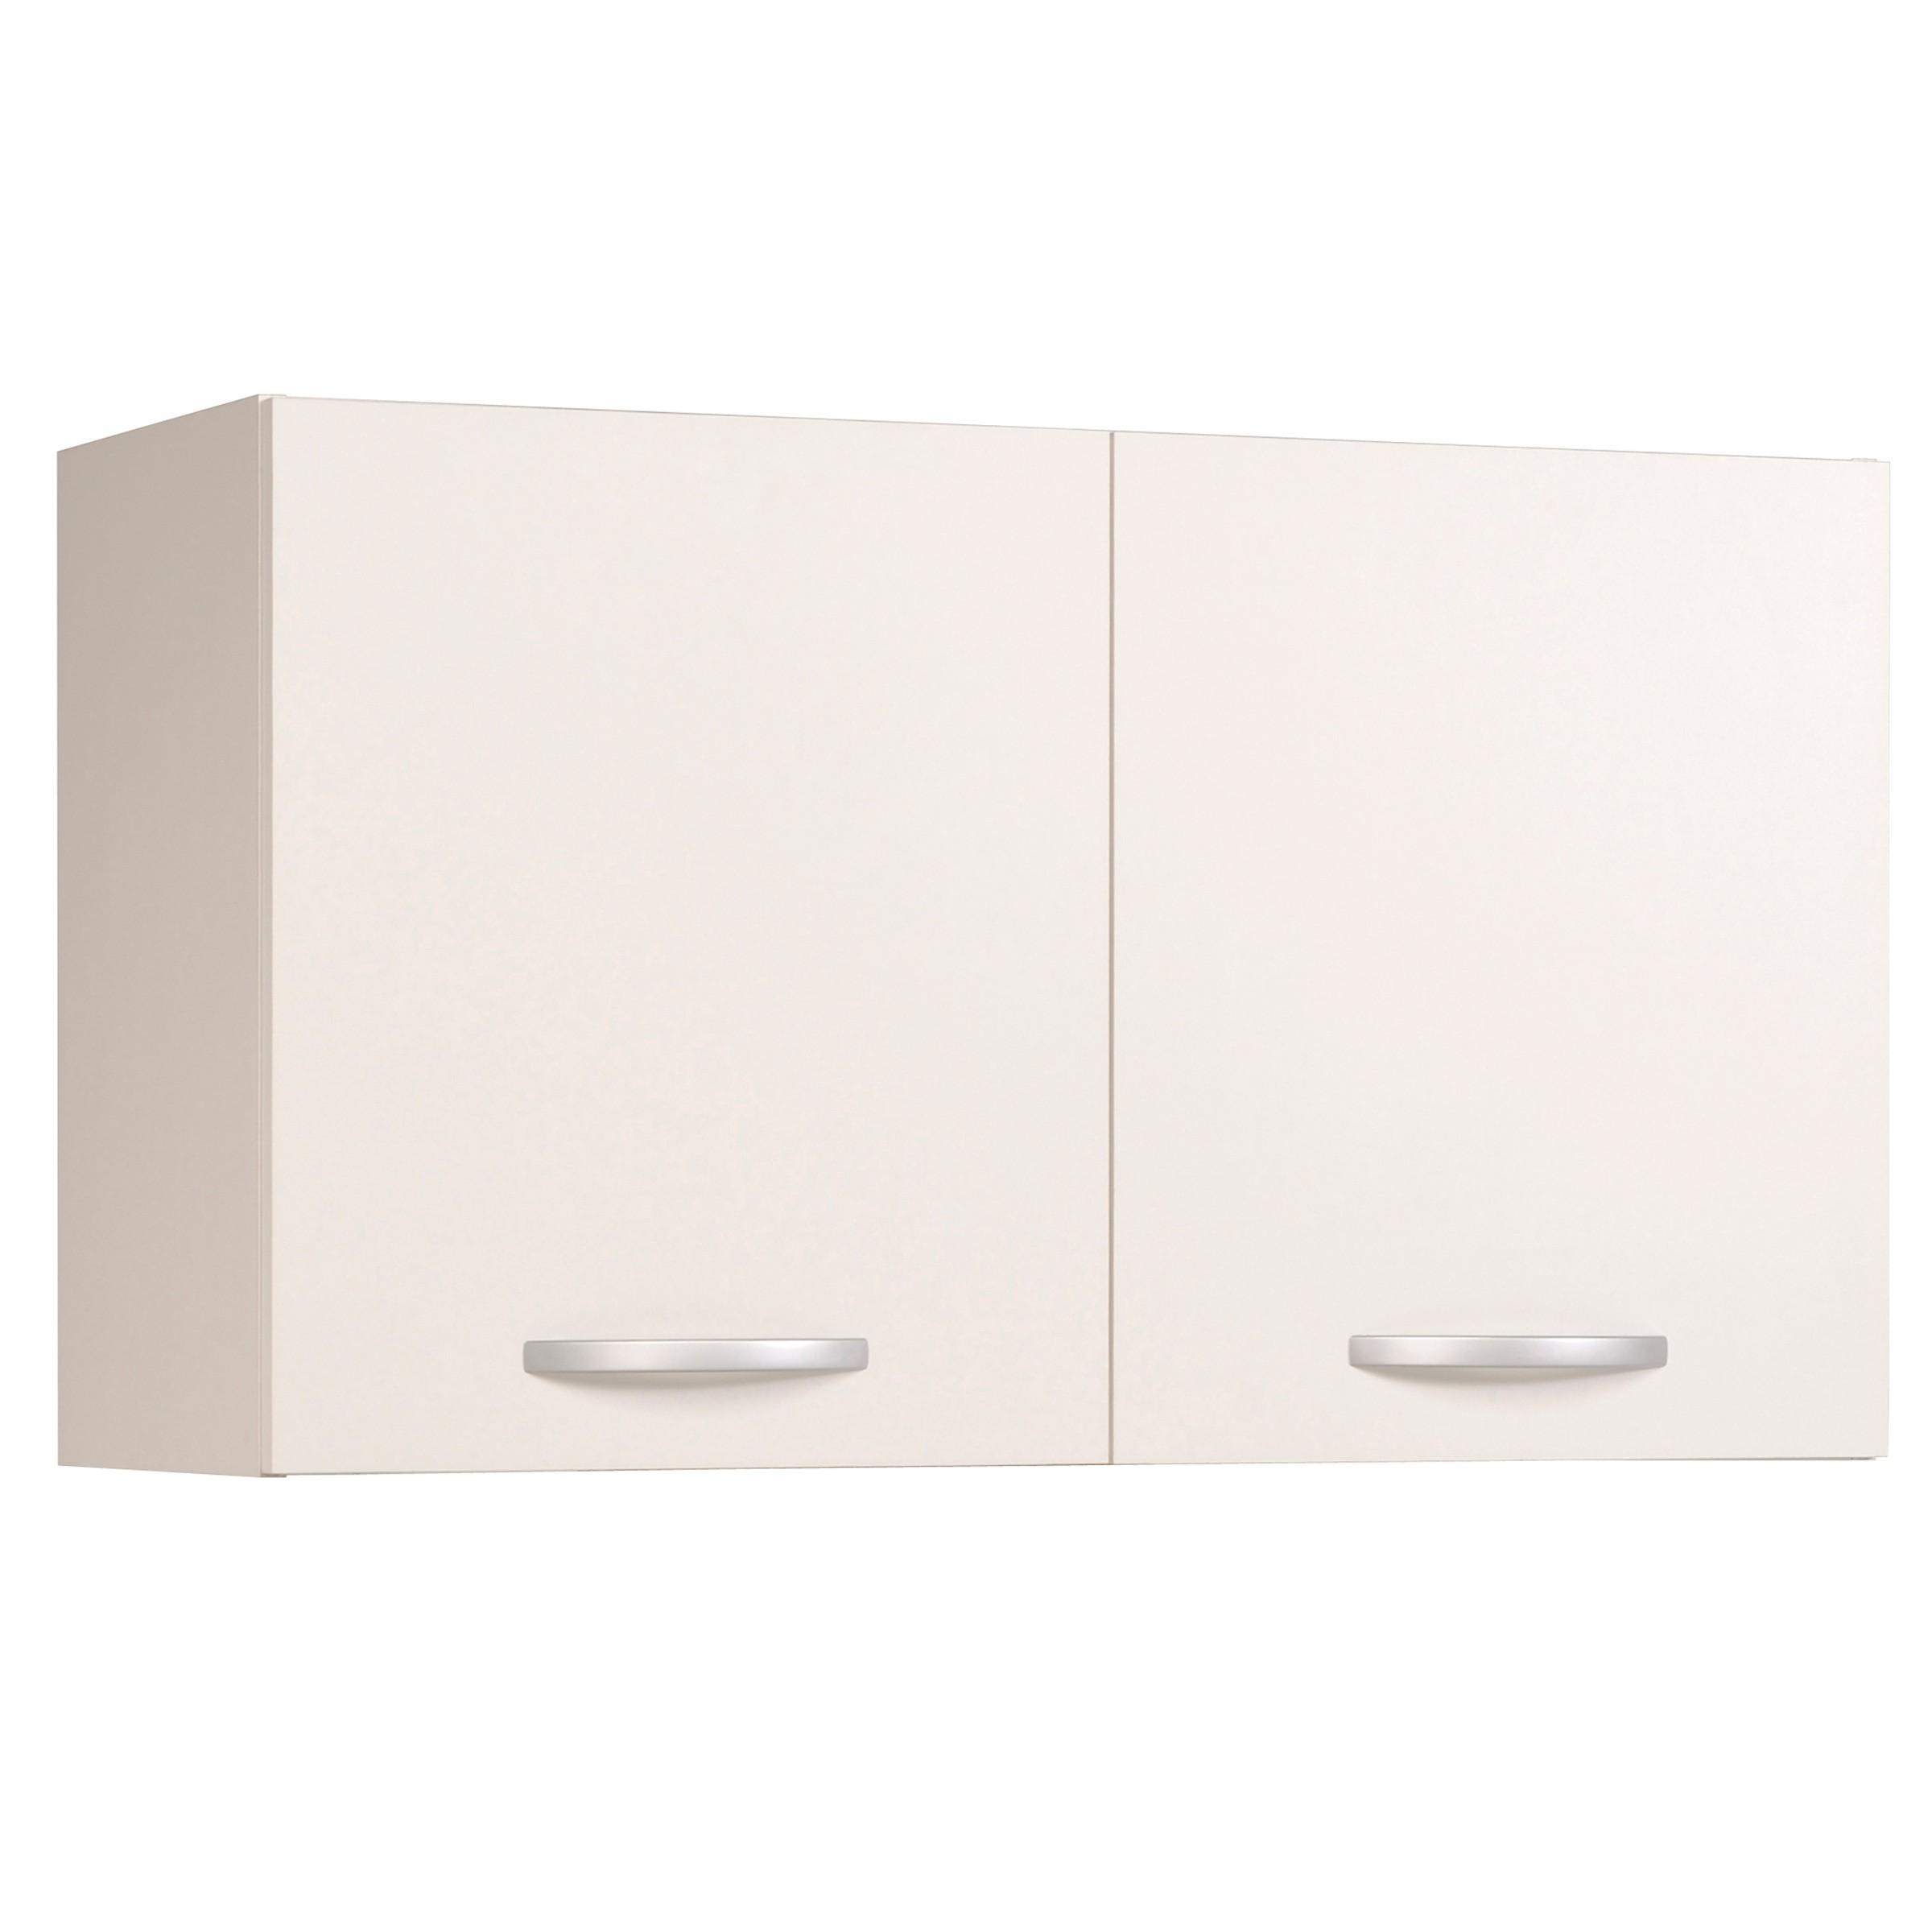 Meuble haut de cuisine contemporain 2 portes 100 cm blanc brillant Bianco